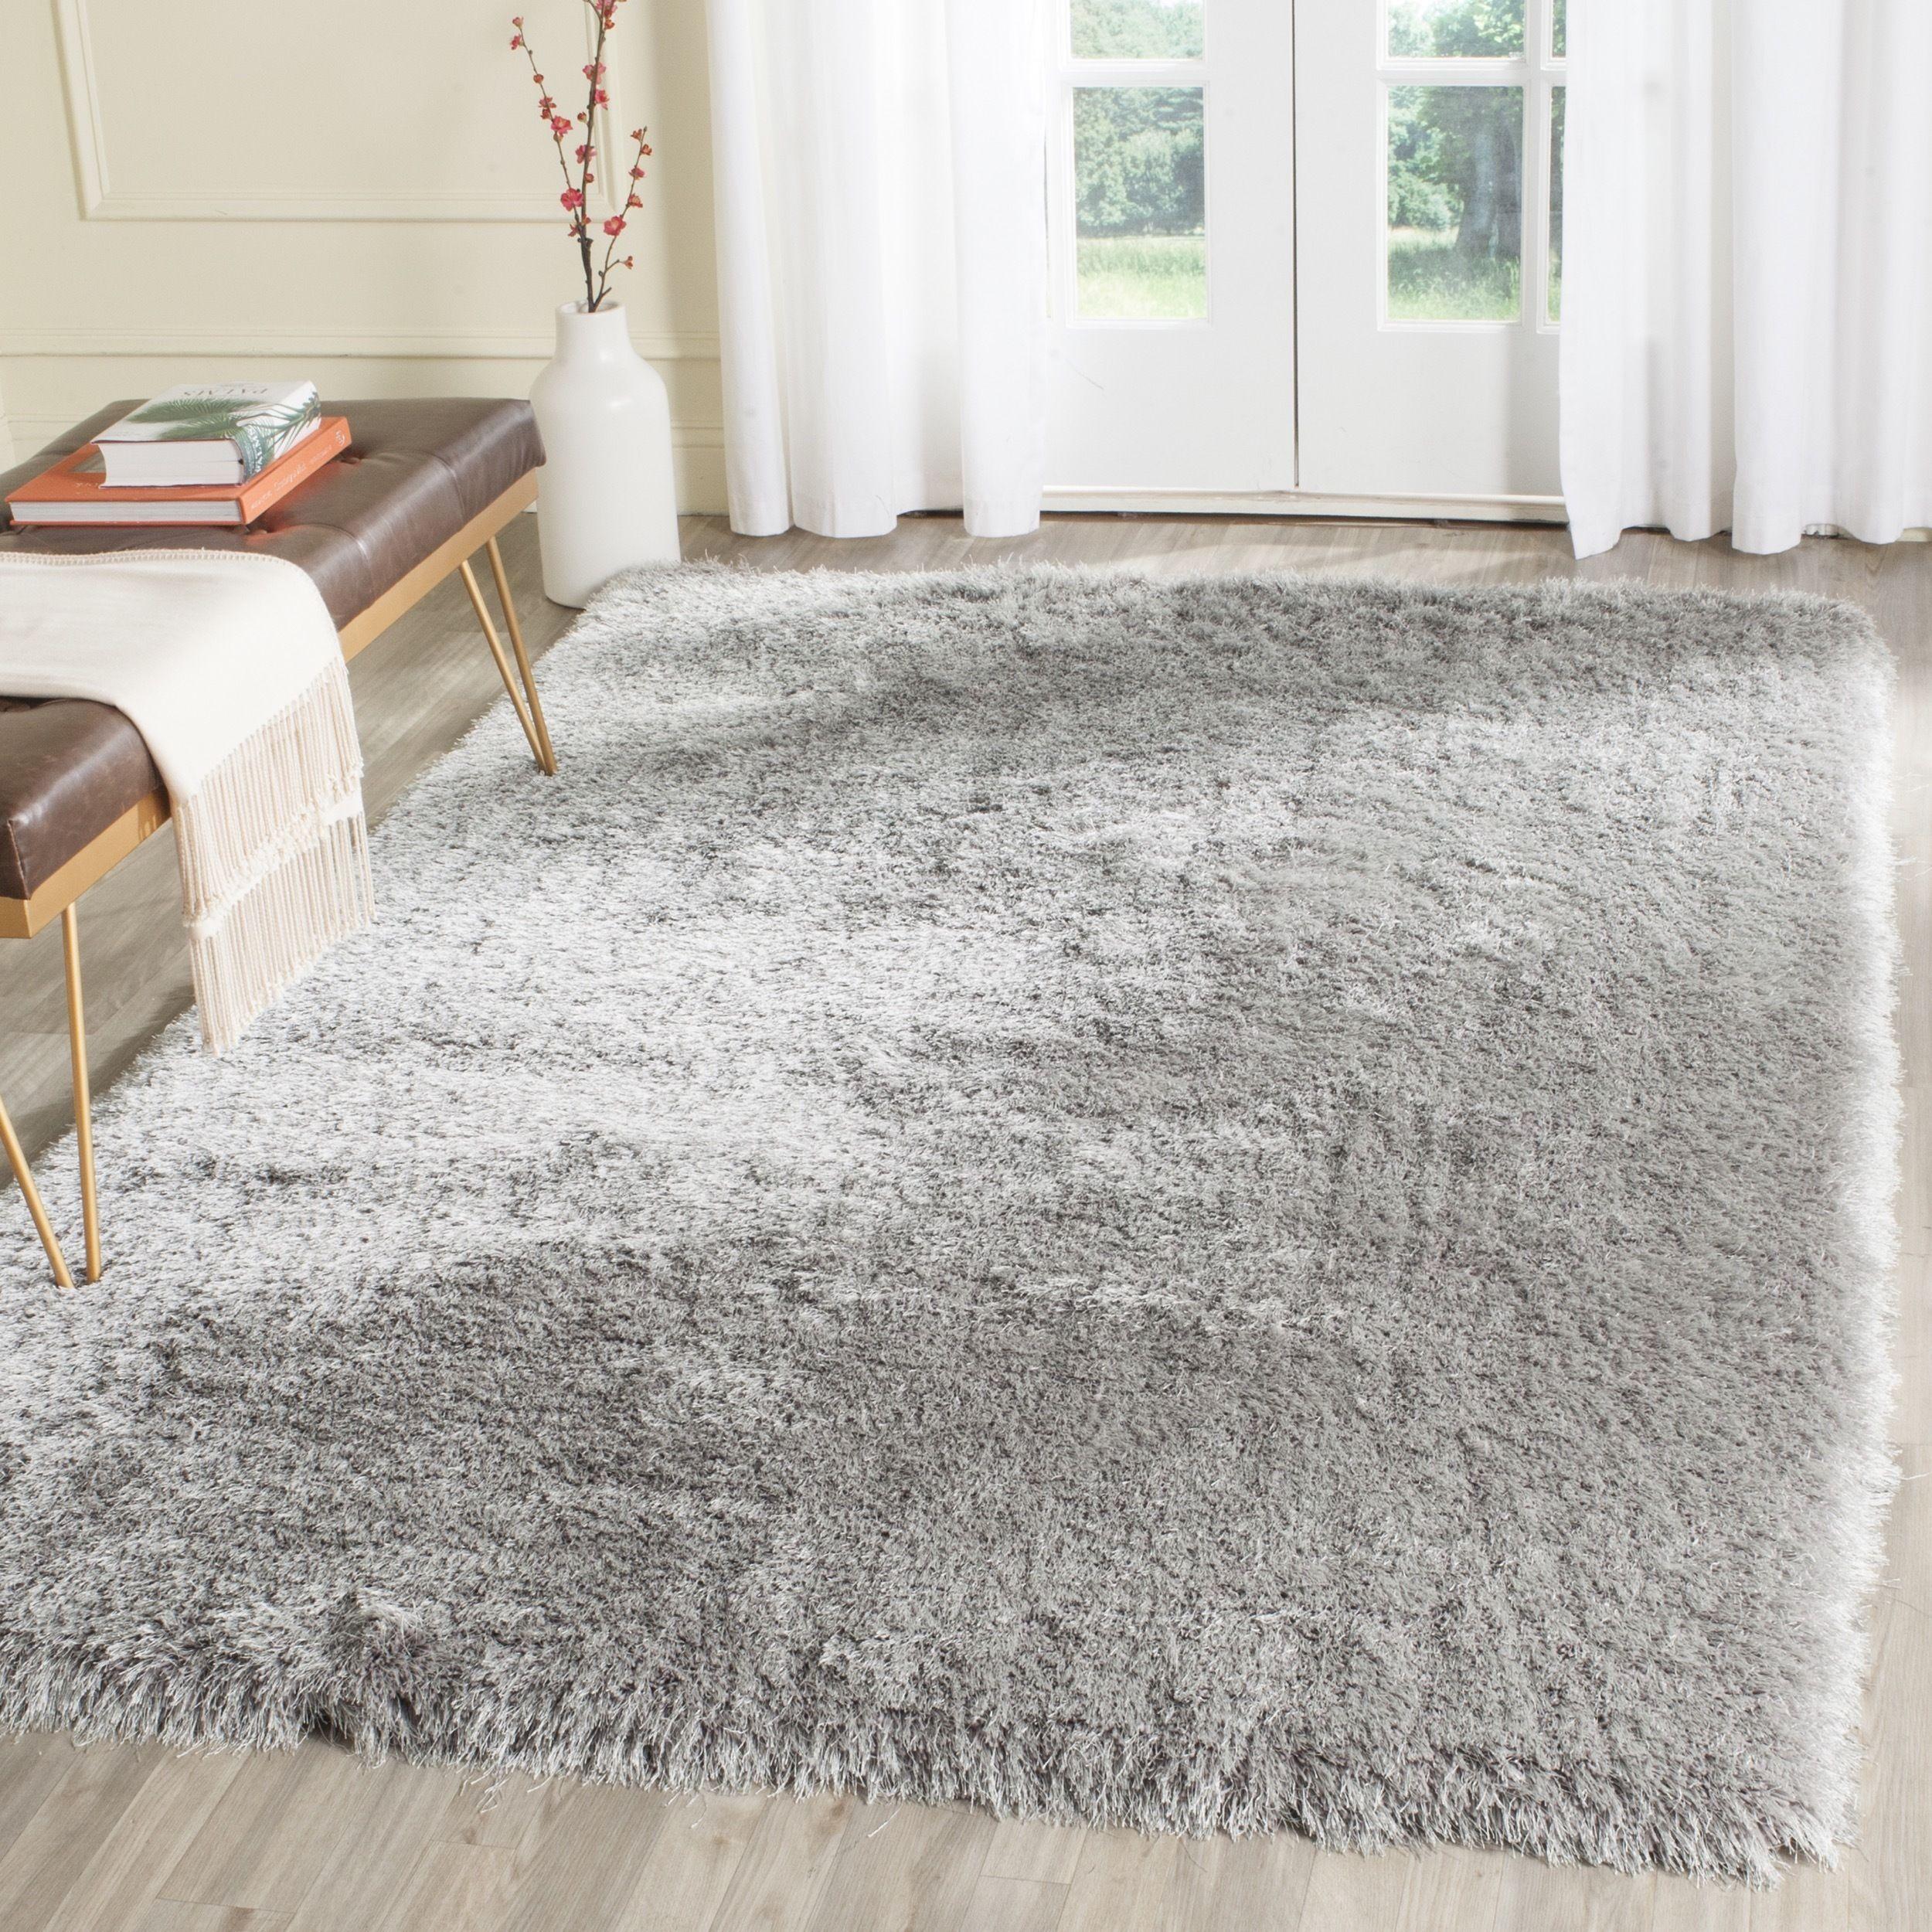 Memory Foam Rugs For Living Room Safavieh Handmade Plush Memory Foam Shag Silver Polyester Rug 3